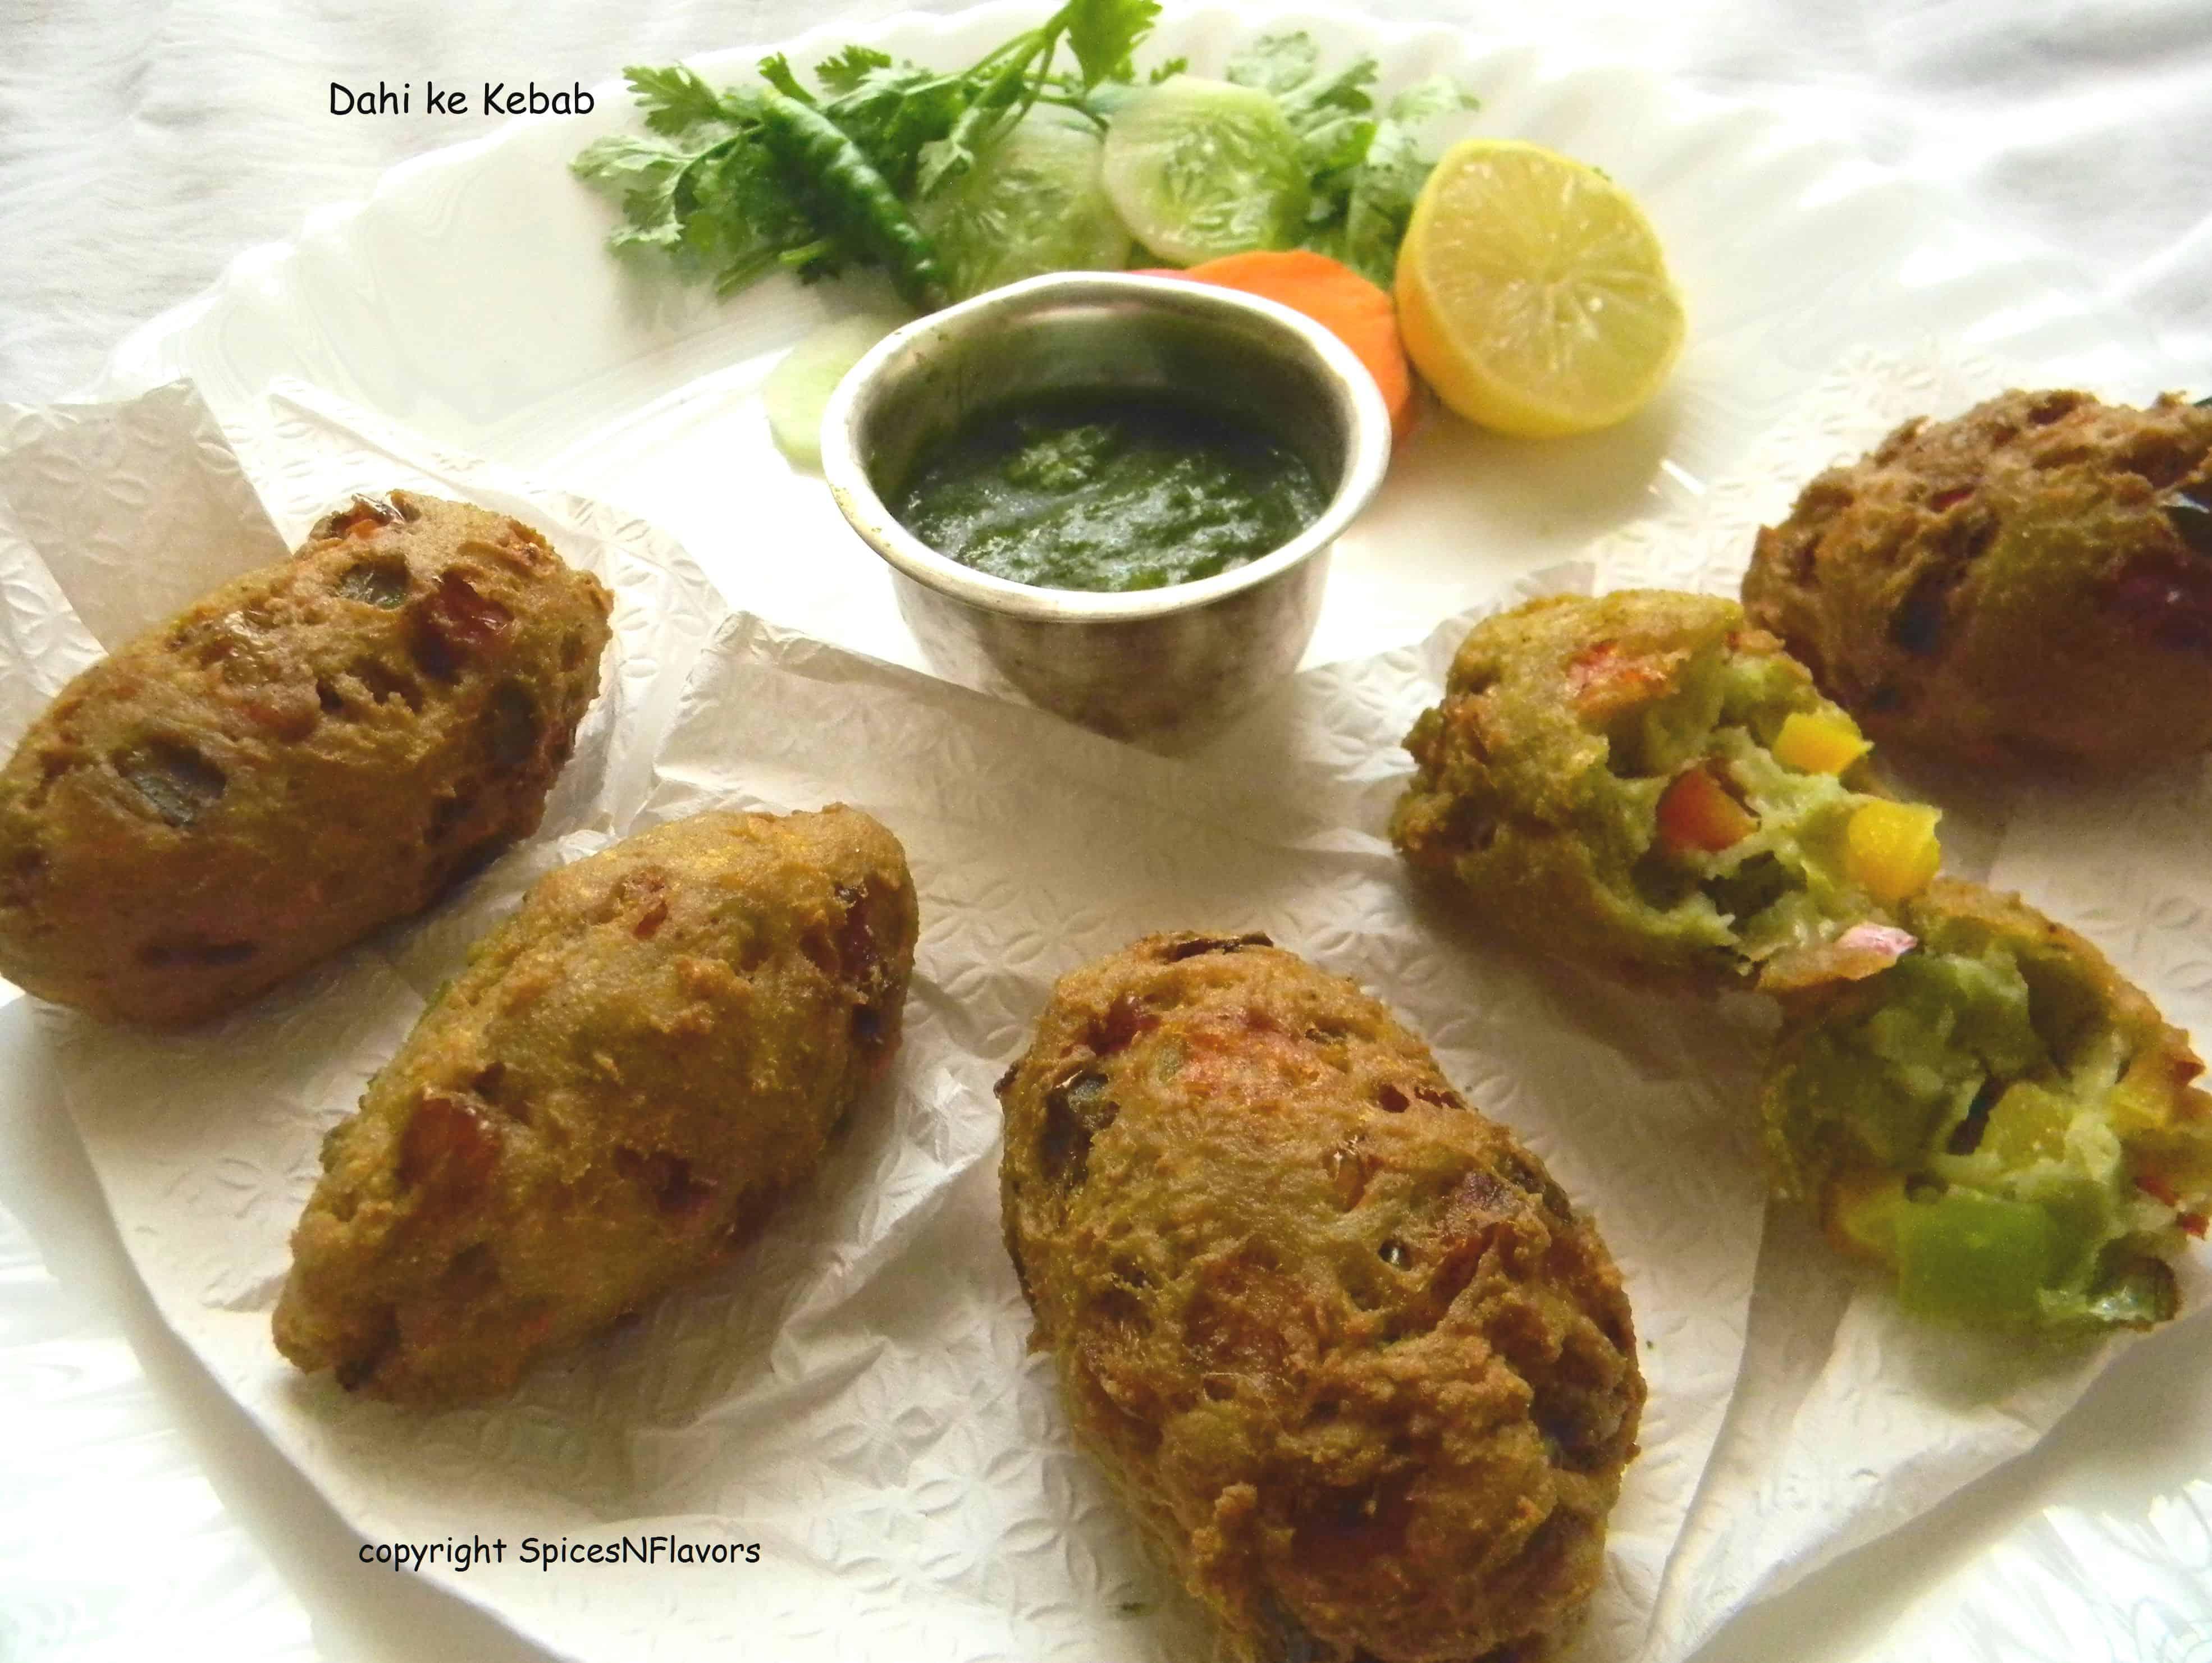 dahi|hung|curd|ke|kebab|spicesnflavors.com